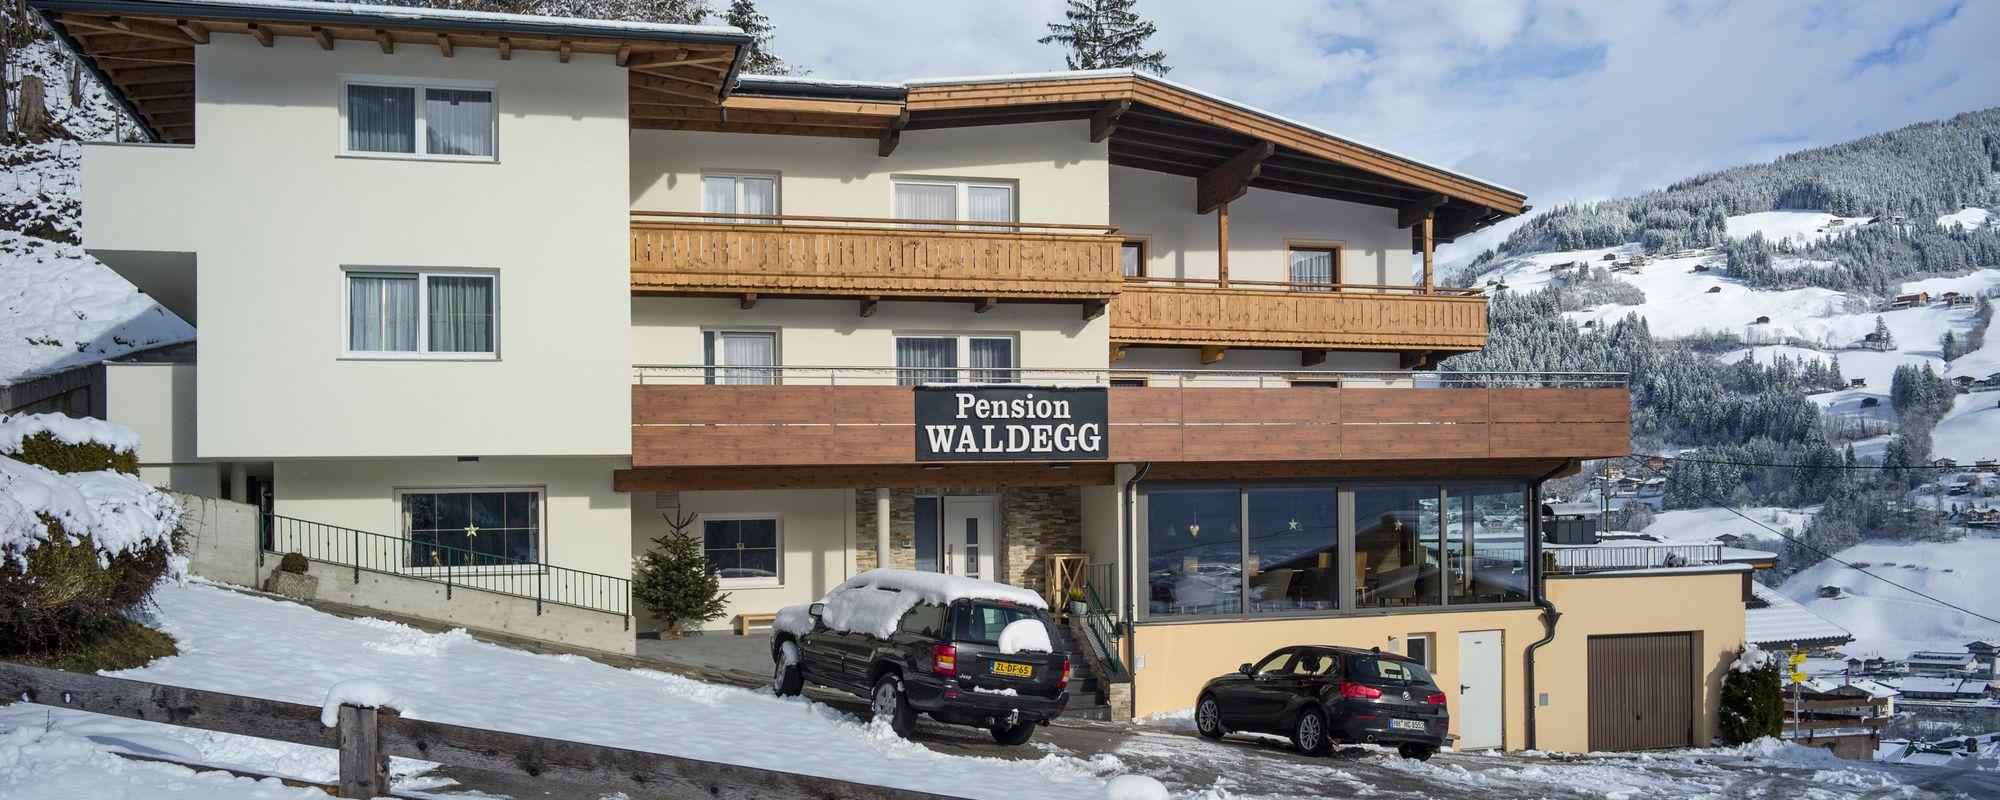 Hausansicht Pension Waldegg im Winter